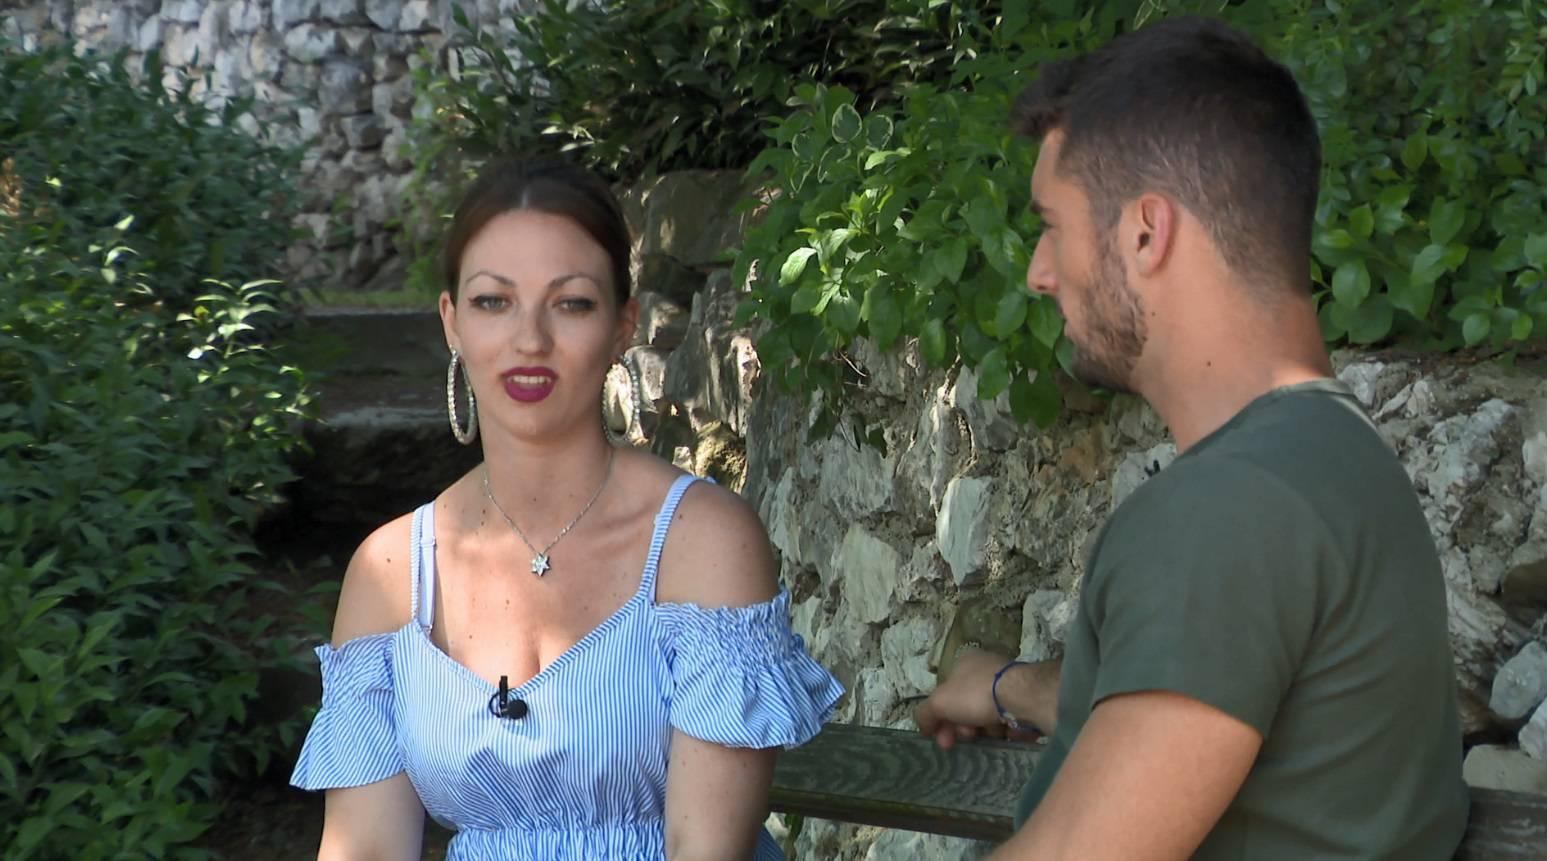 Isabella ostavila Josipa i odlazi Mateju: 'Ne želim avanture!'